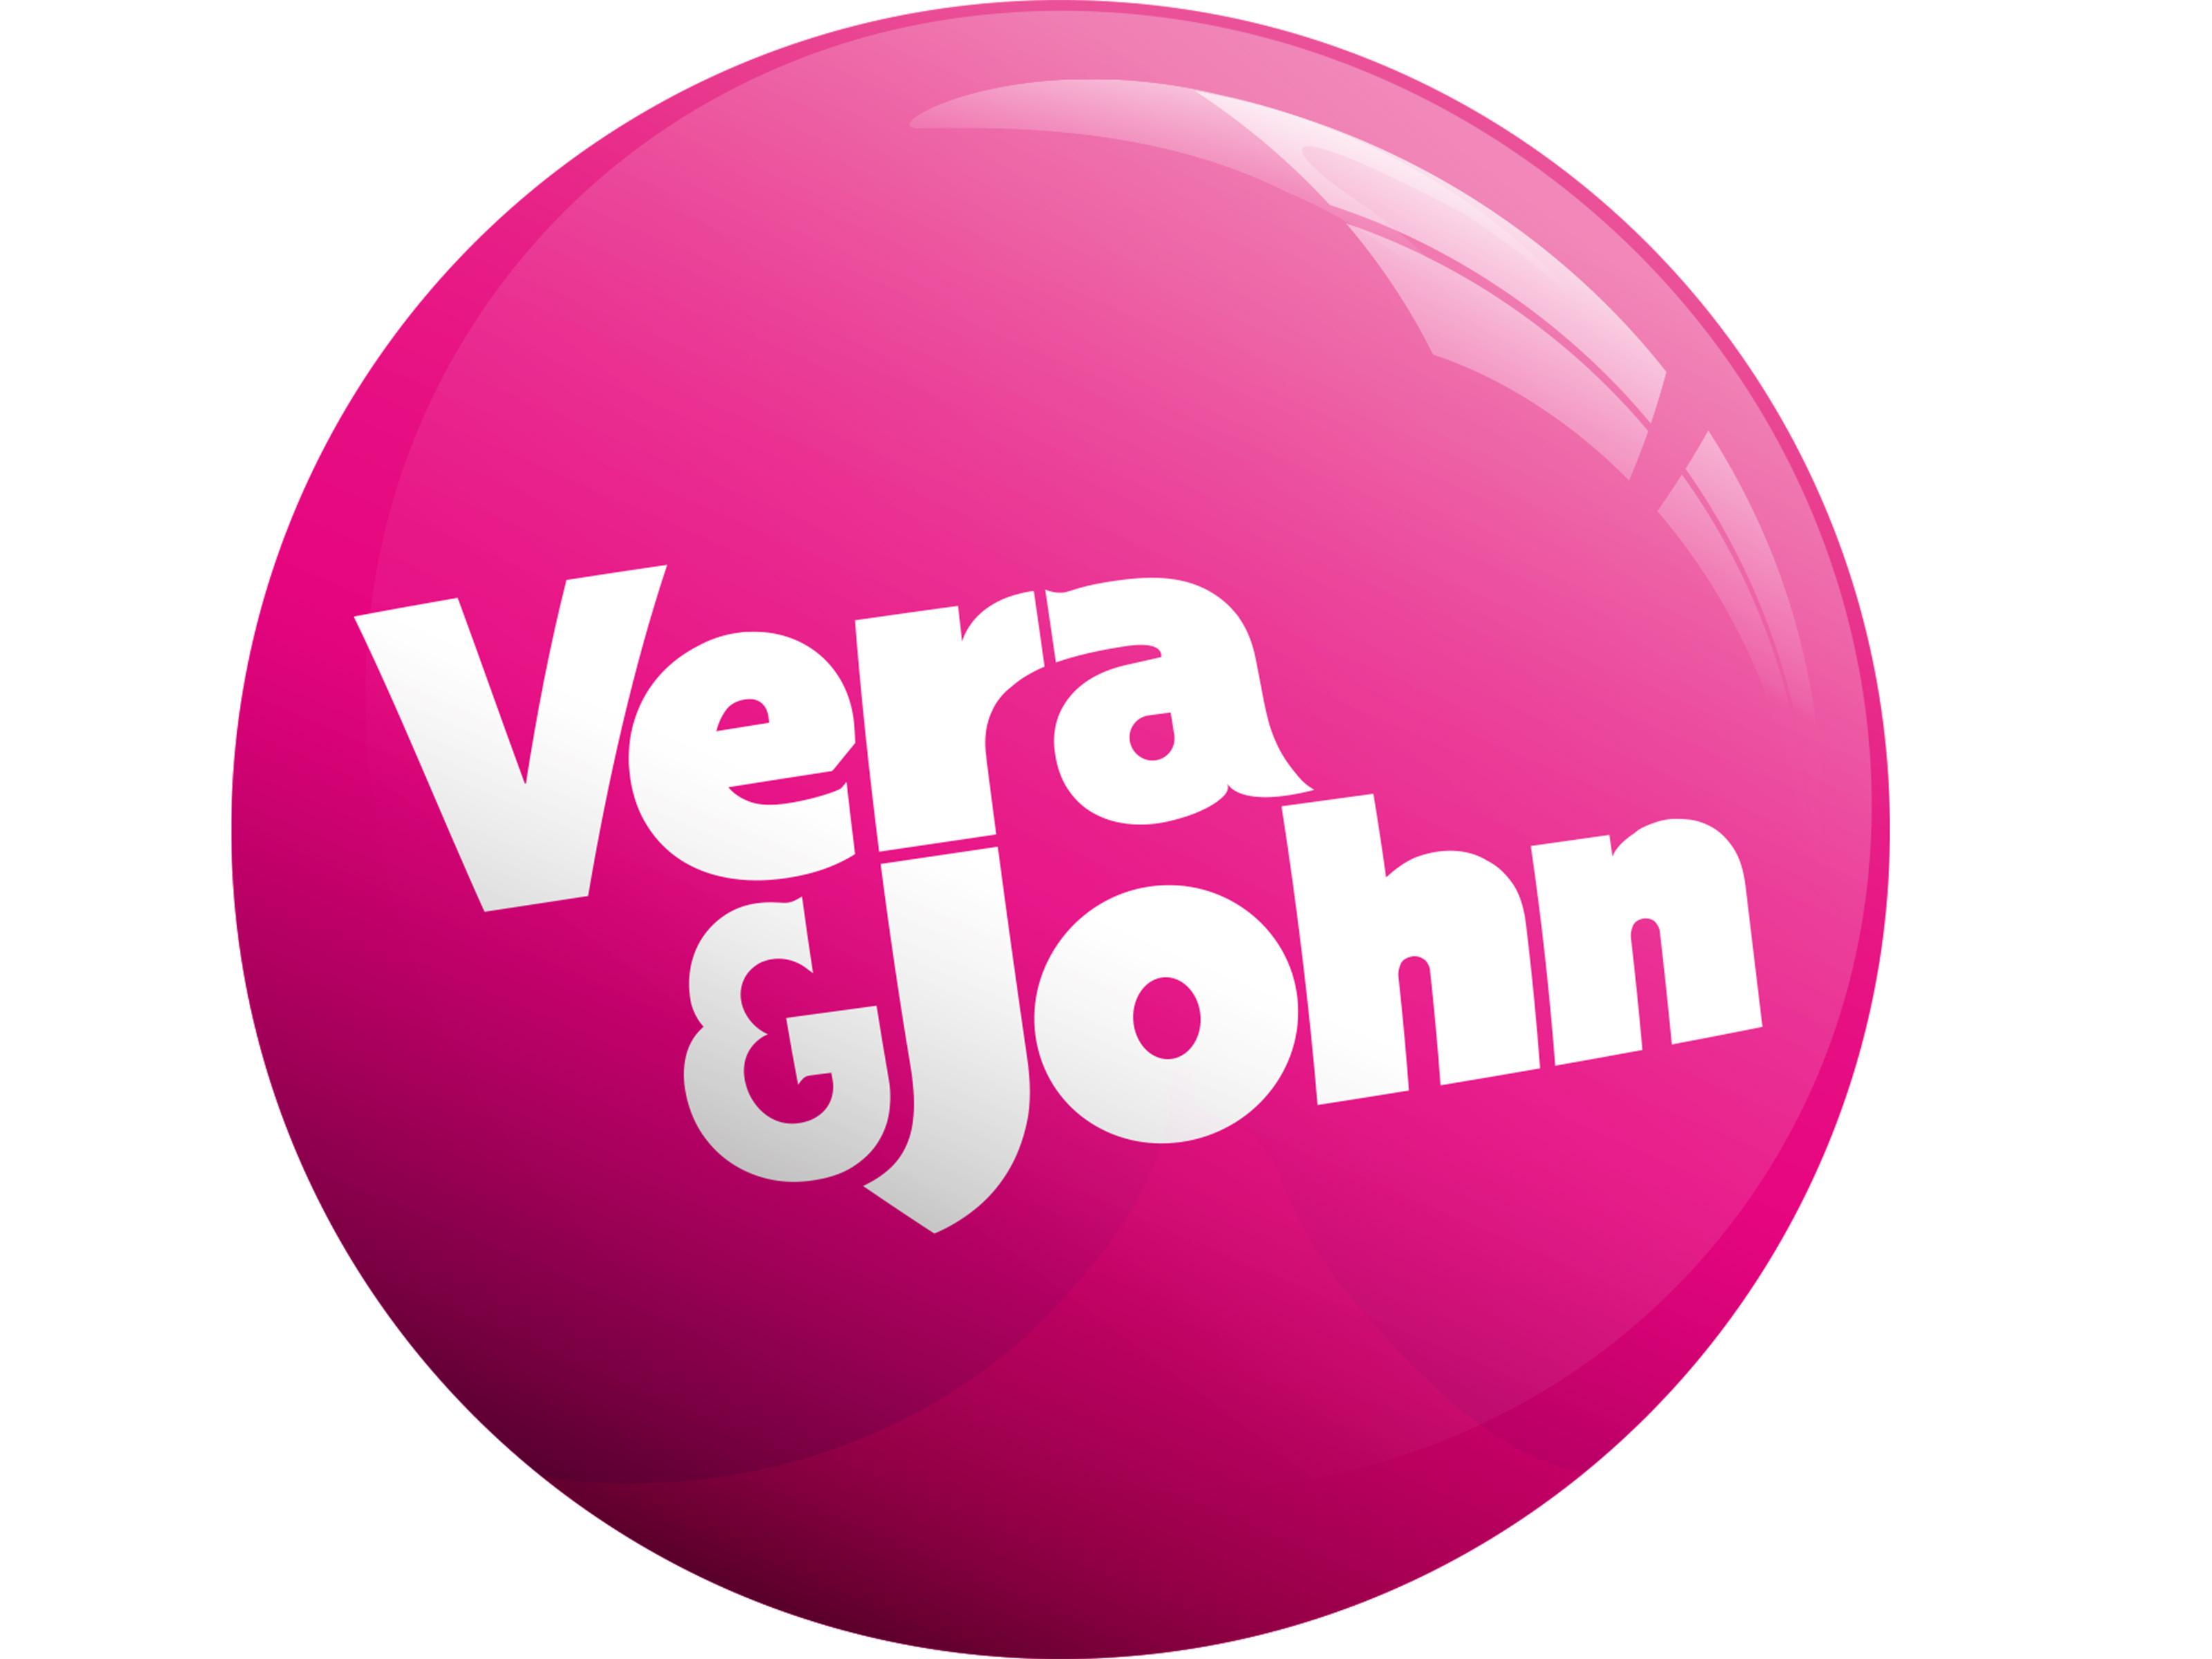 Vera och john logga